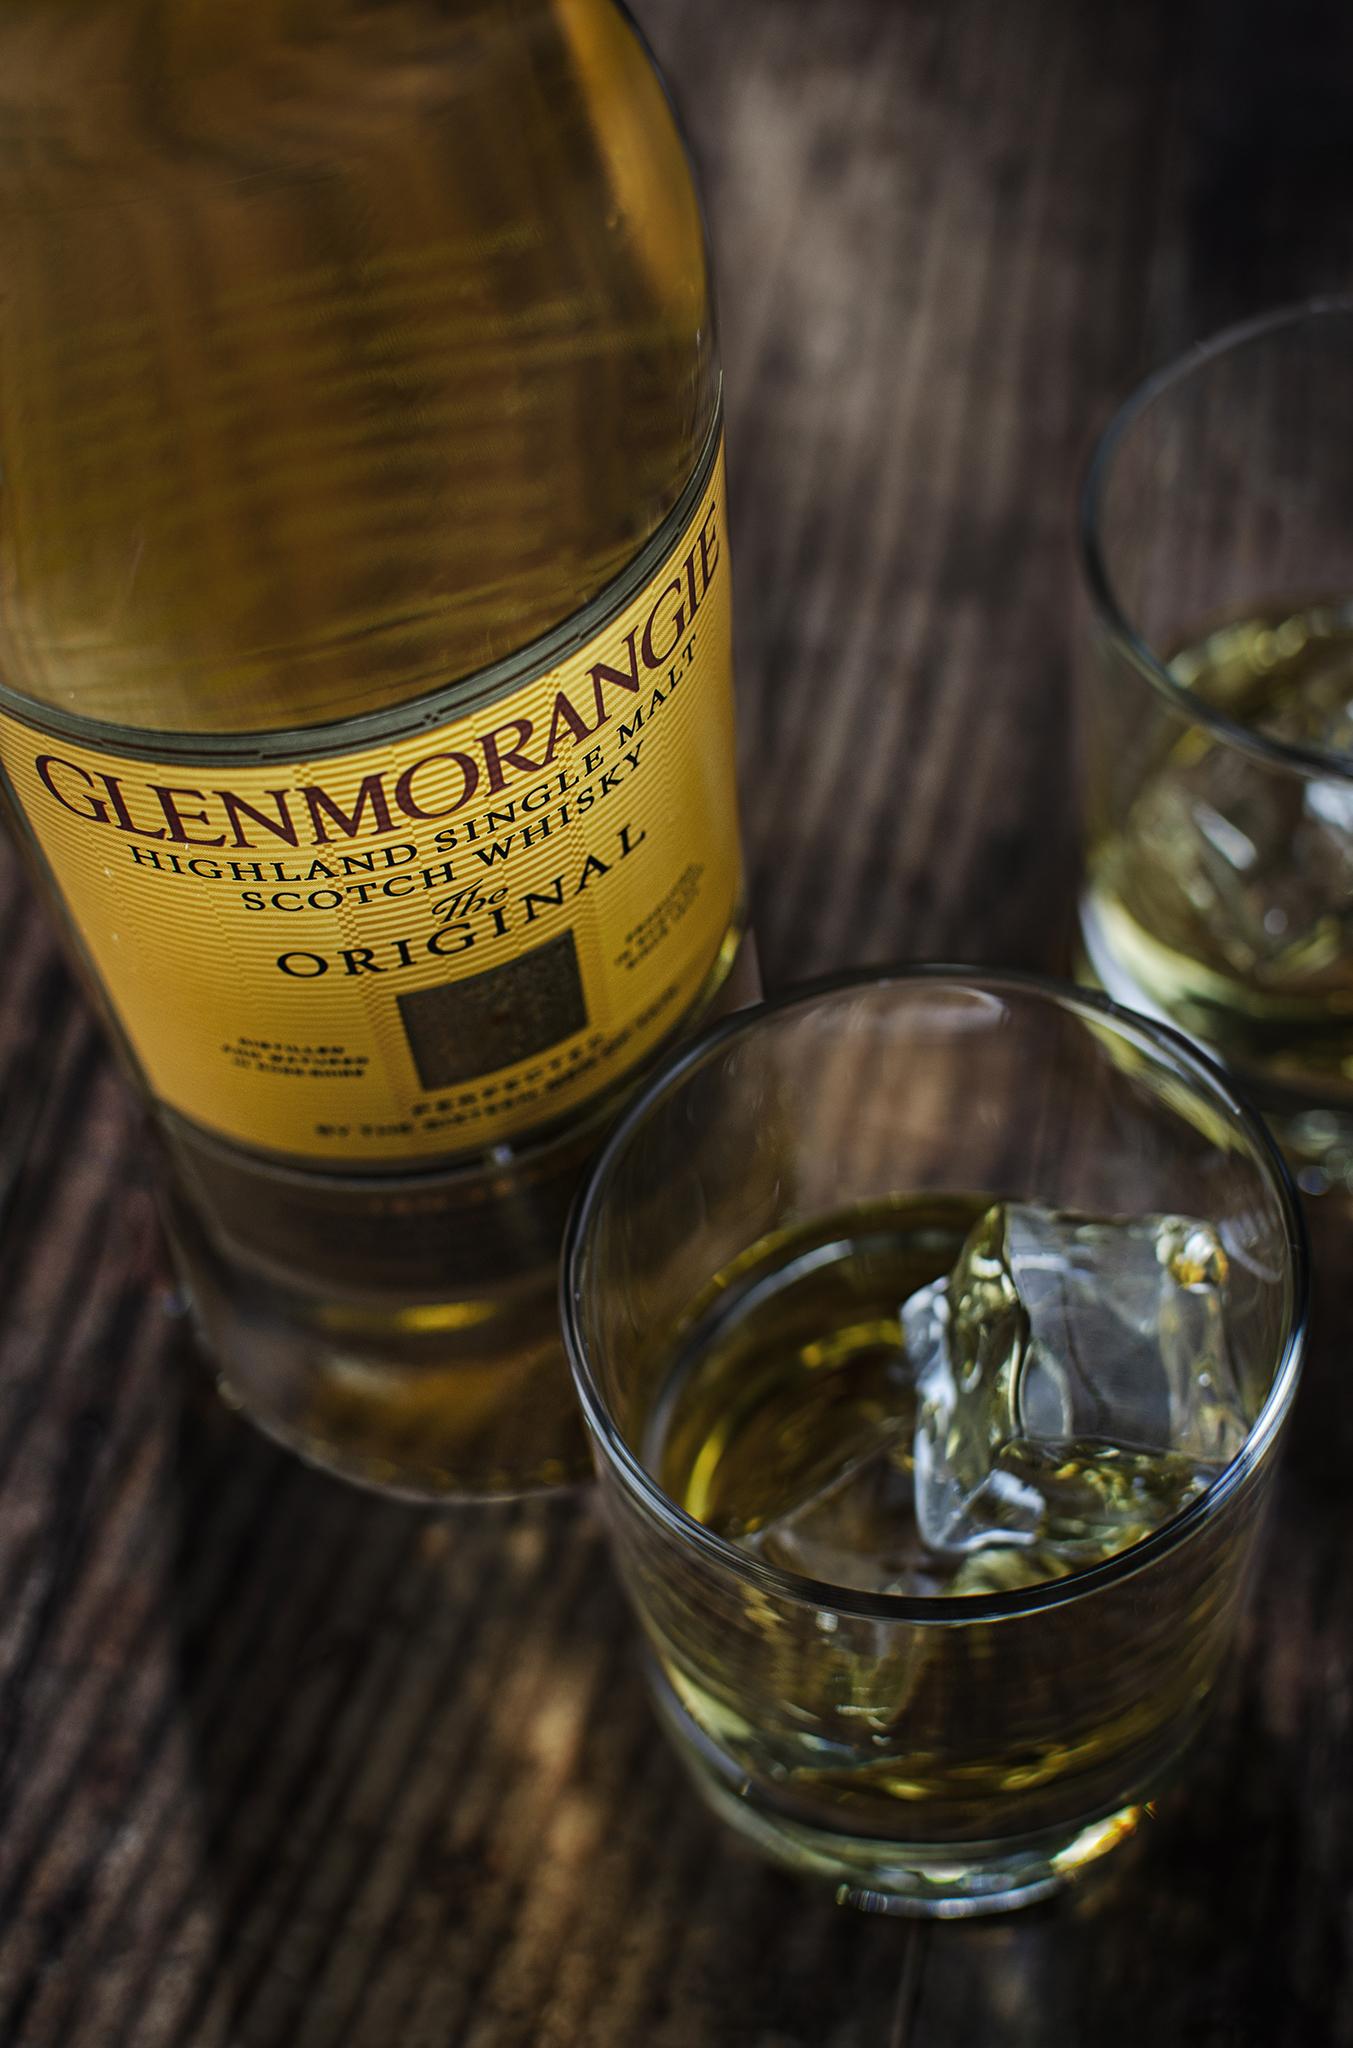 Glenmorangie Whisky - Product Photograph